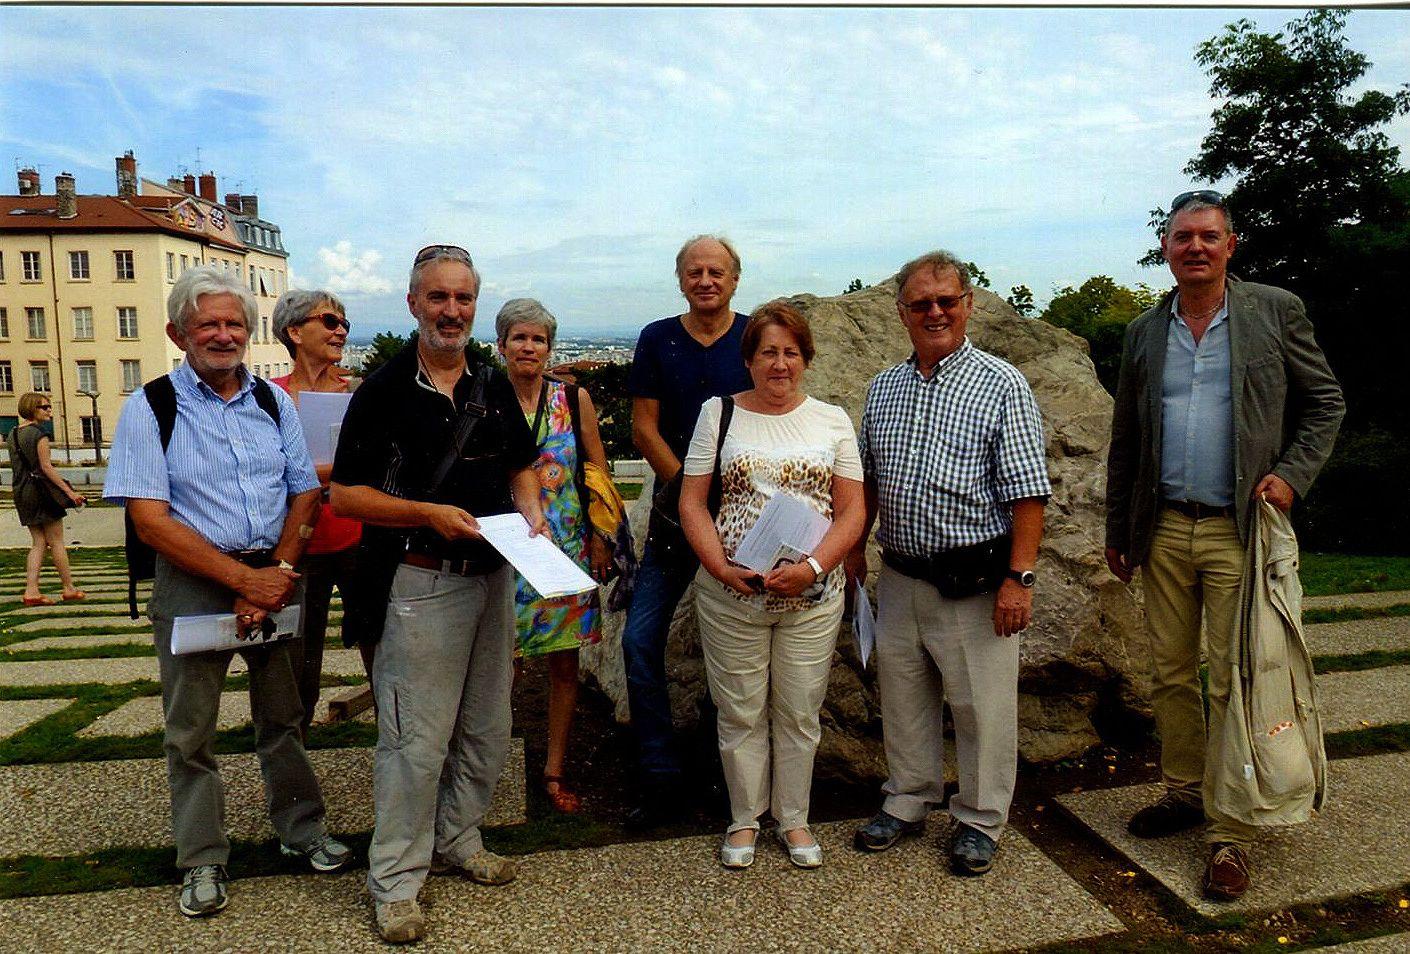 Les nouveaux compagnons du Gros-Caillou, Cliché Pascal Mettier, Lyon, 20 septembre 2014